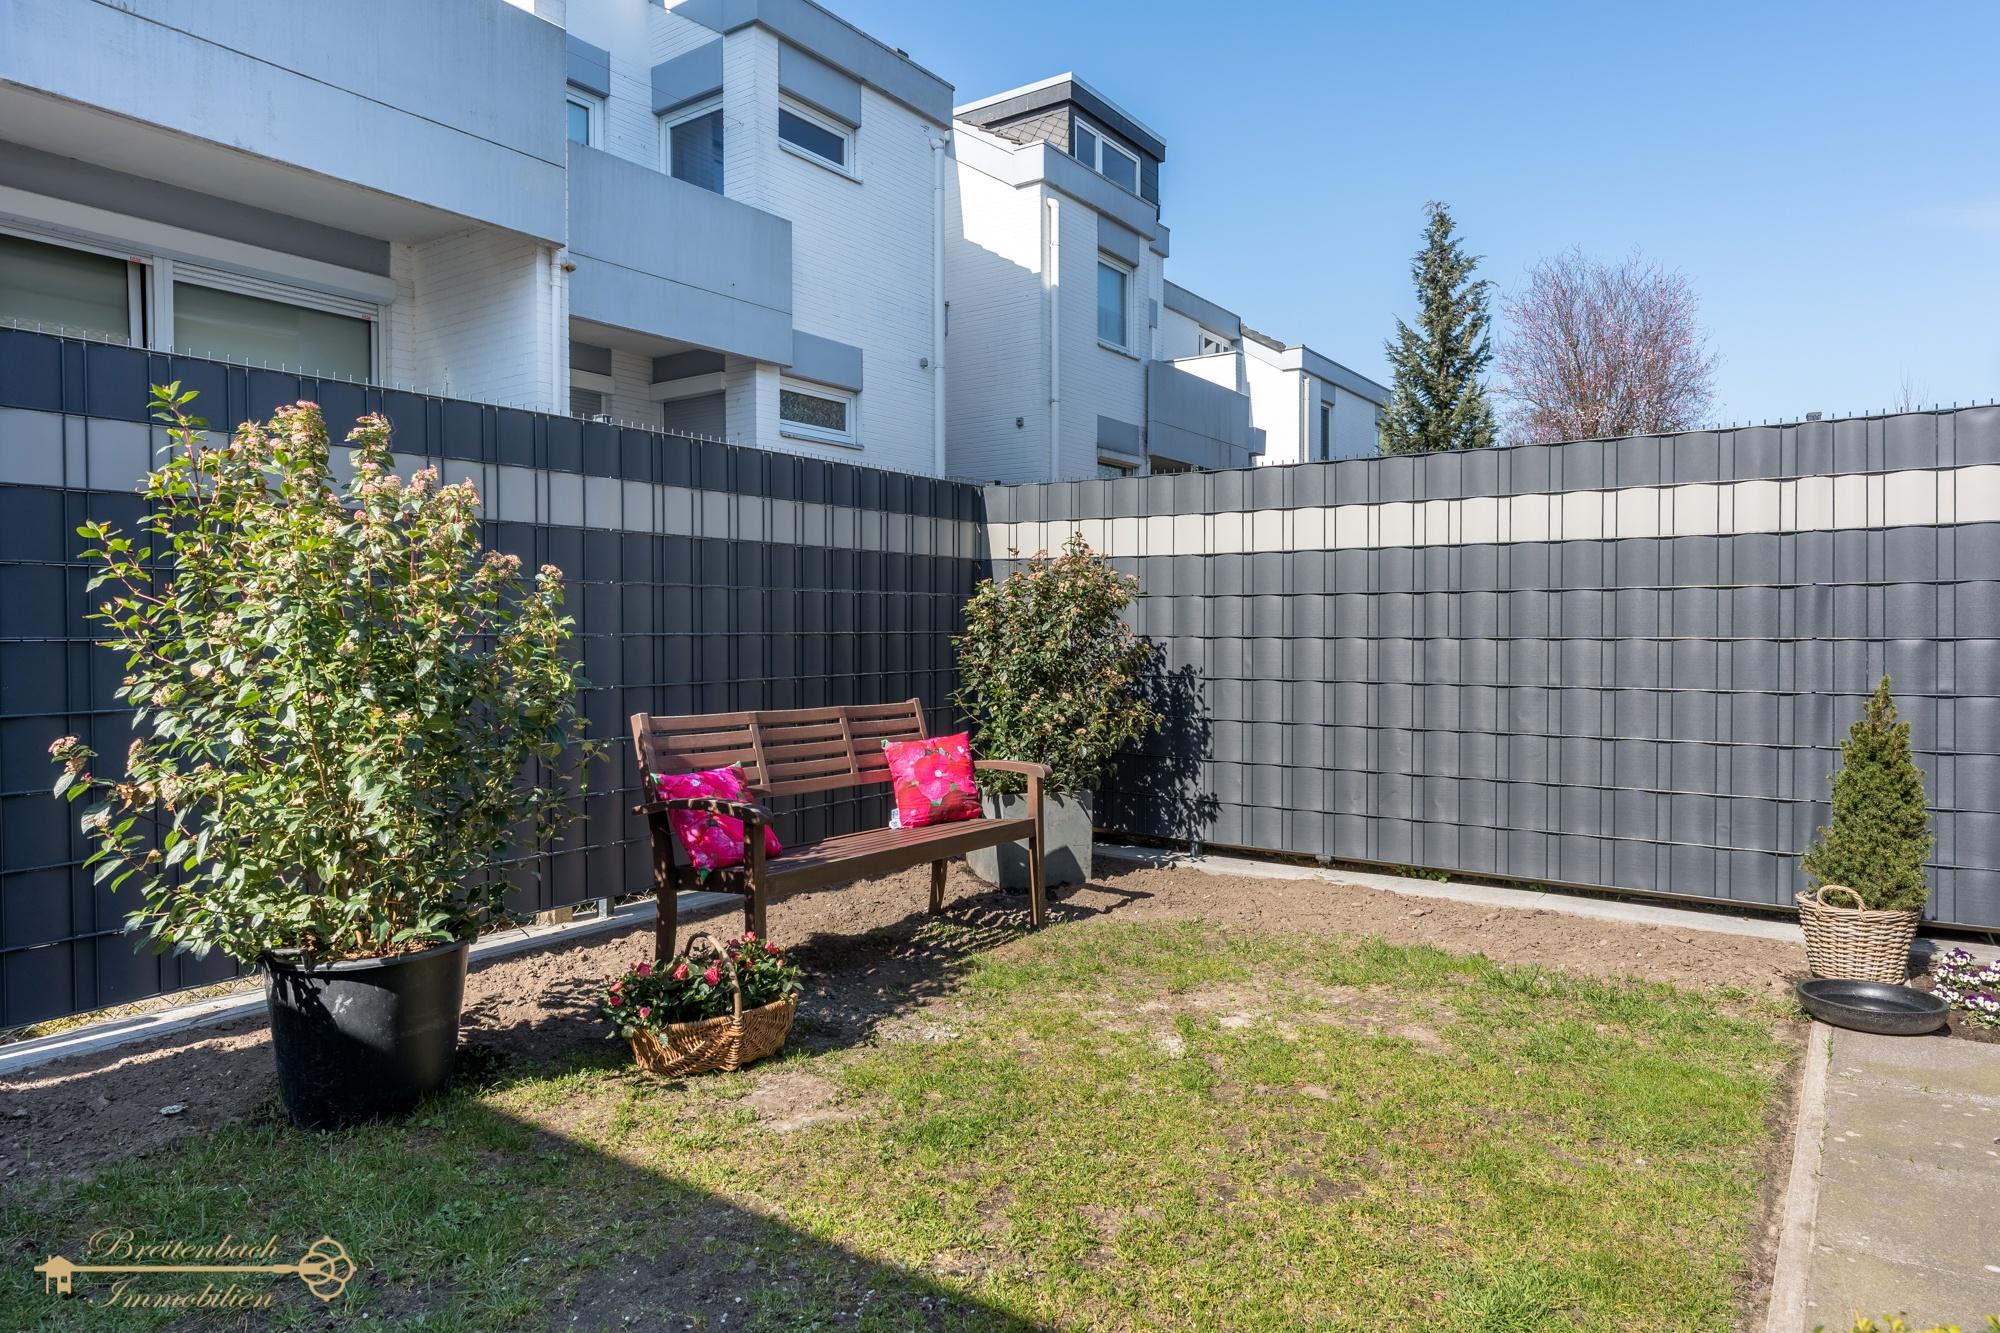 2021-03-29-Breitenbach-Immobilien-Makler-Bremen-24